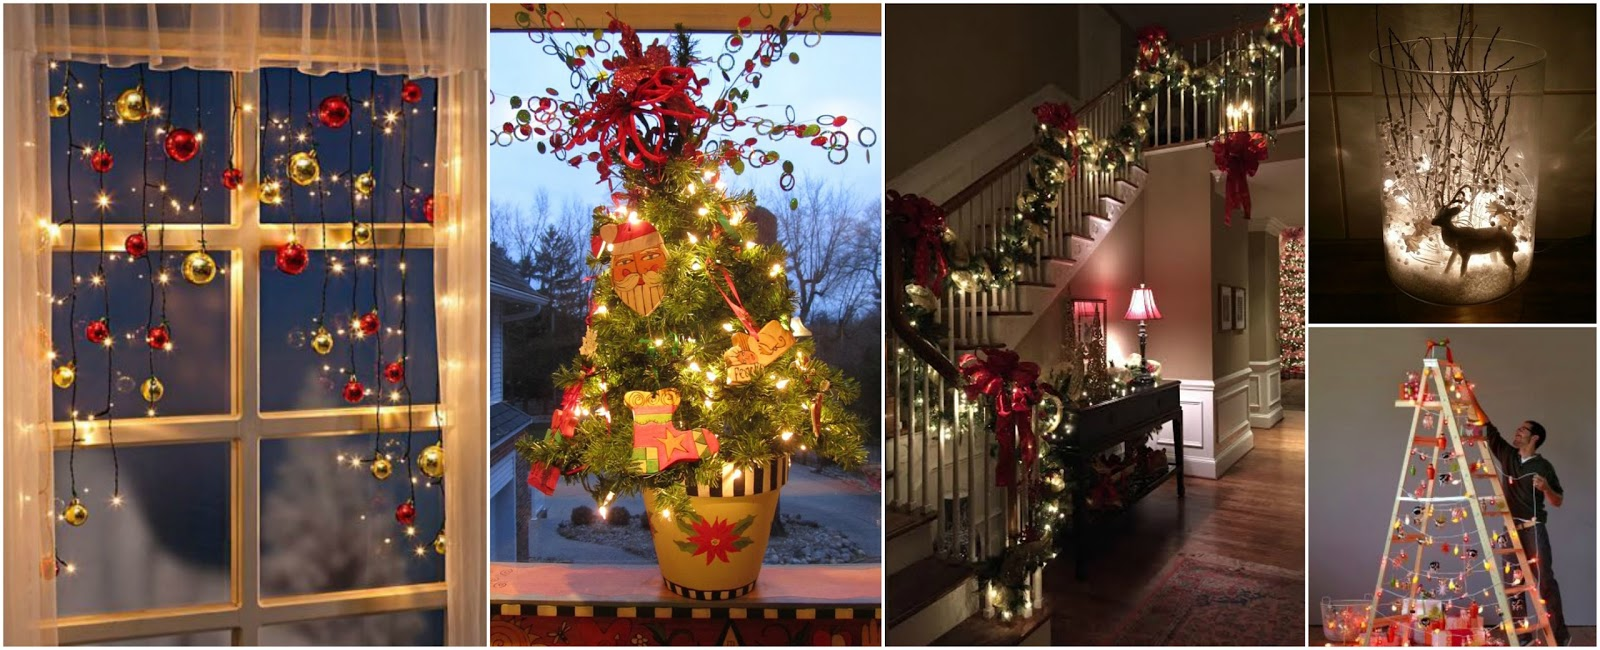 fde3ac2f38a 16 Ideas Espectaculares Para Decorar En Navidad Con Luces - Luces ...